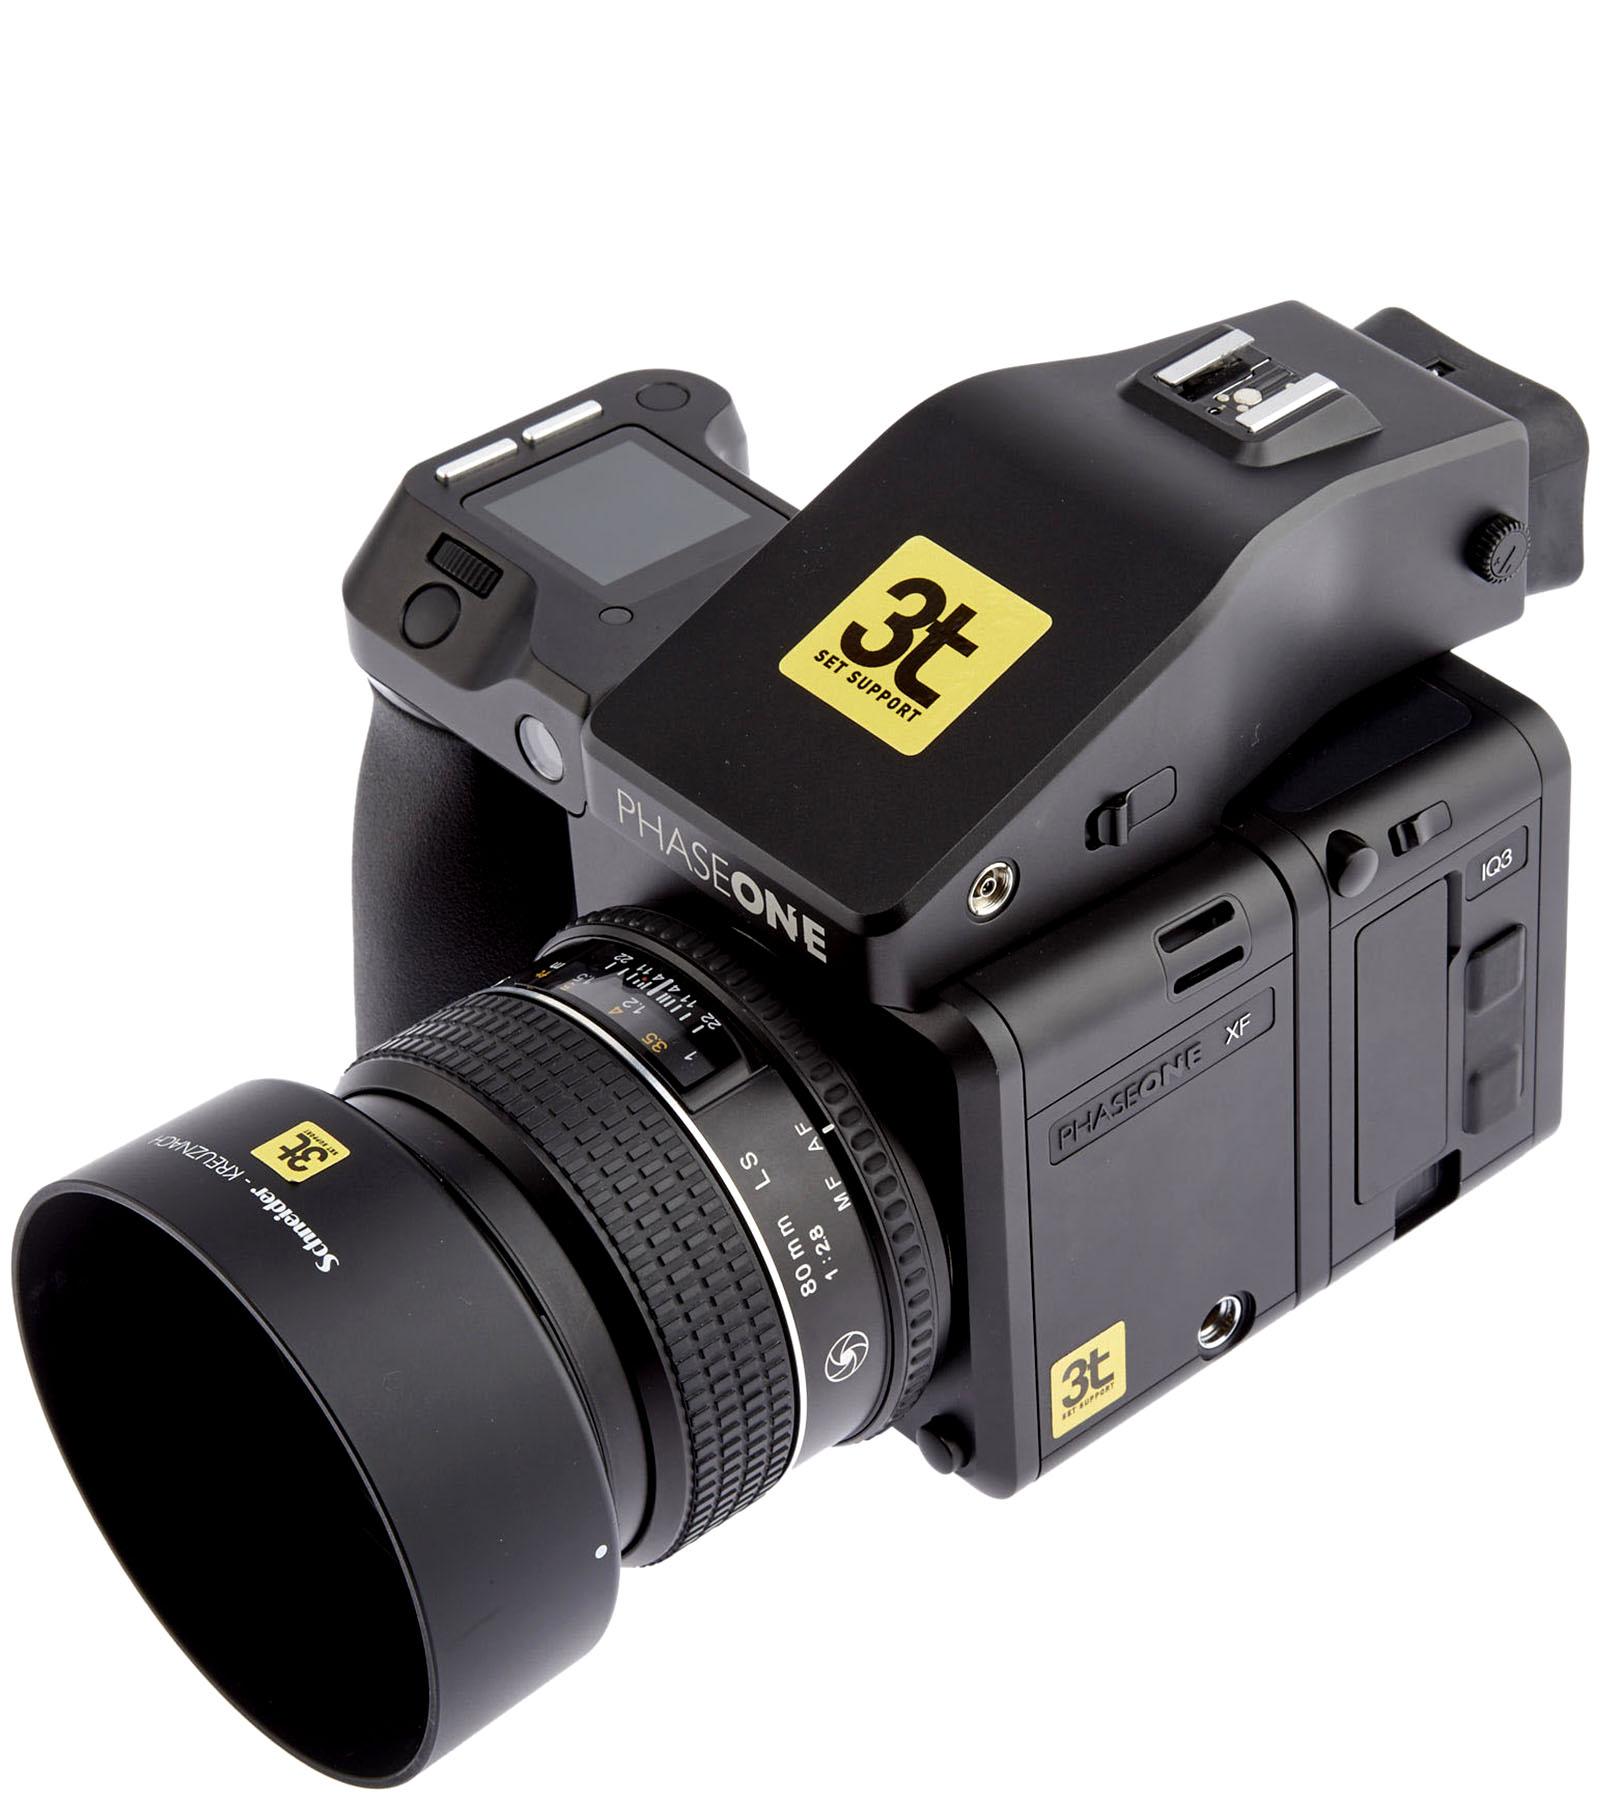 Kit Back Digital Phase One IQ3 100mp